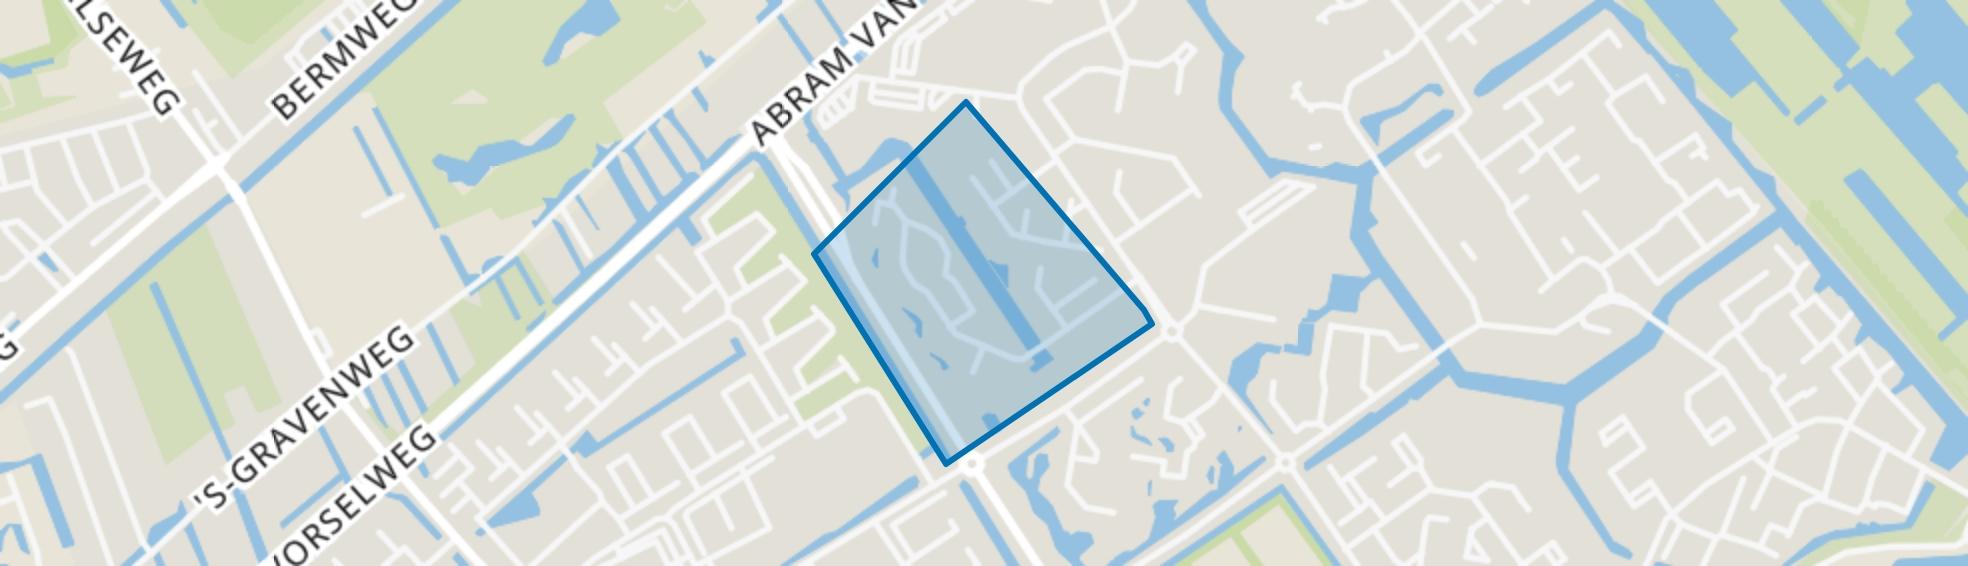 Scandinavischebuurt, Capelle aan den IJssel map